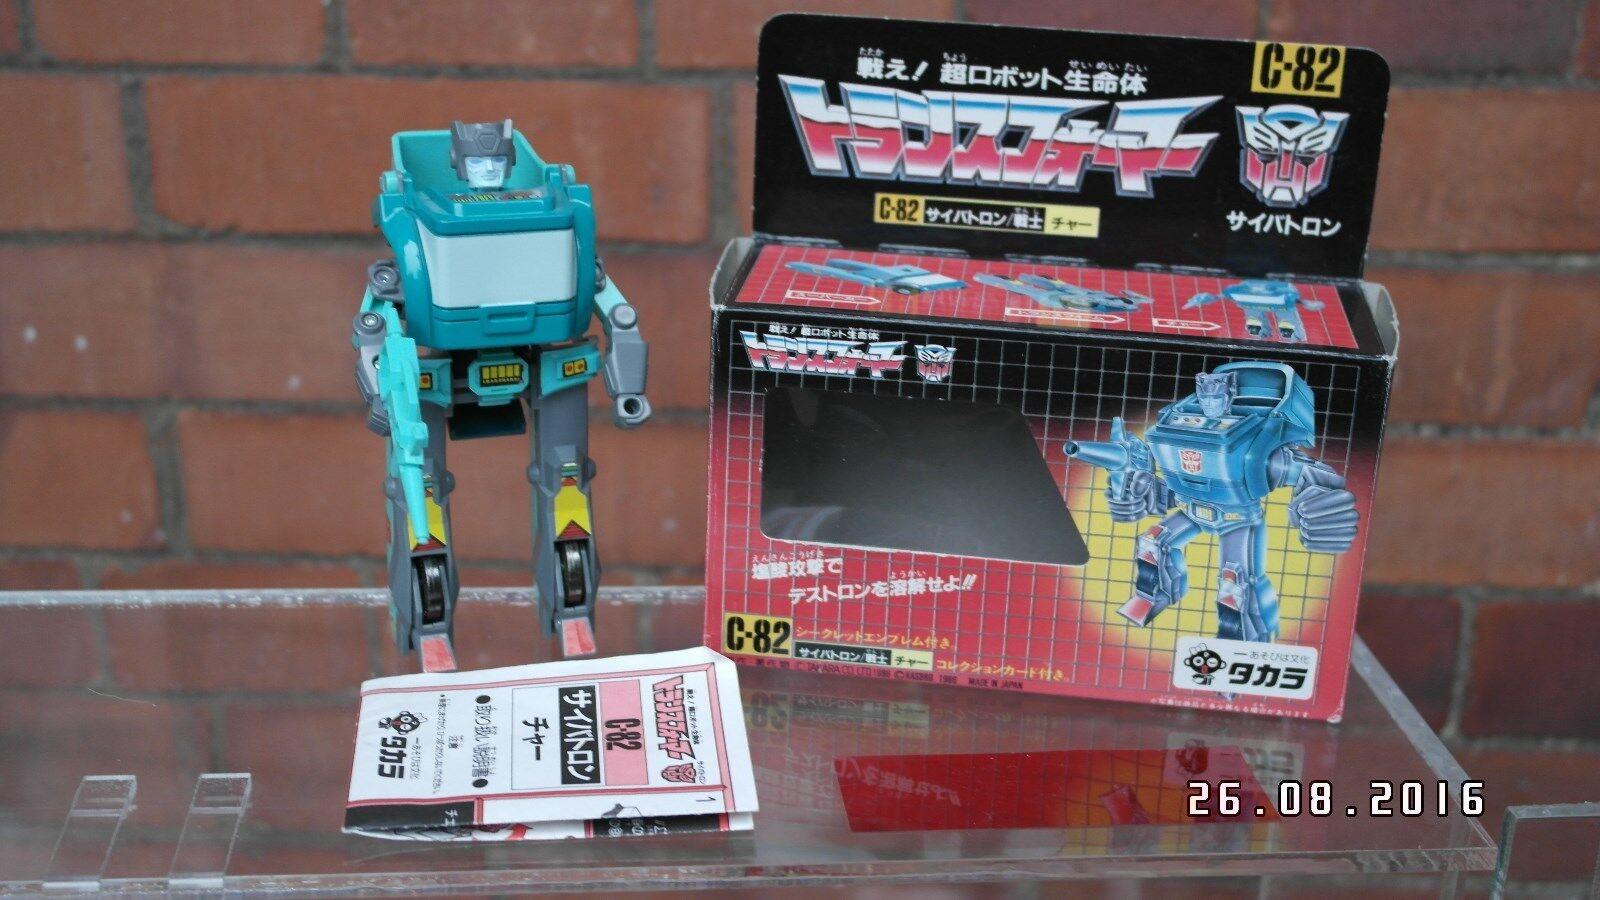 1986 Trasformatori ORIGINALE G1 Takara giapponese KUP completo in scatola C-82